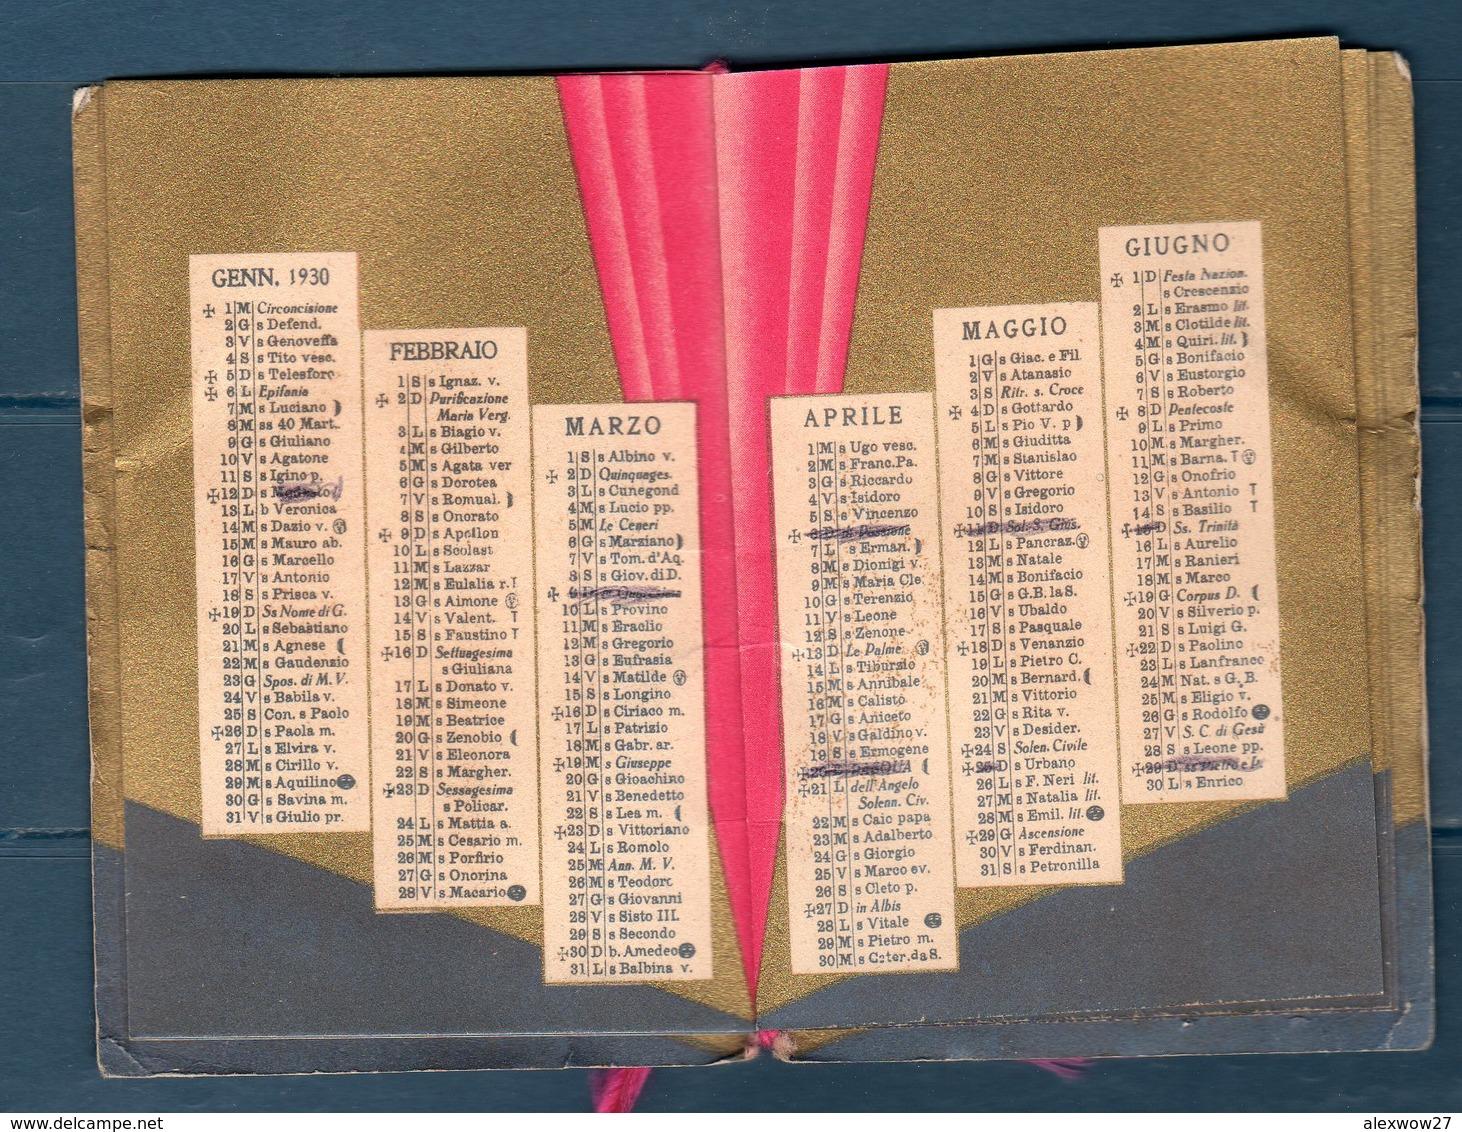 Calendario 1930 7 Bellezze - Calendari